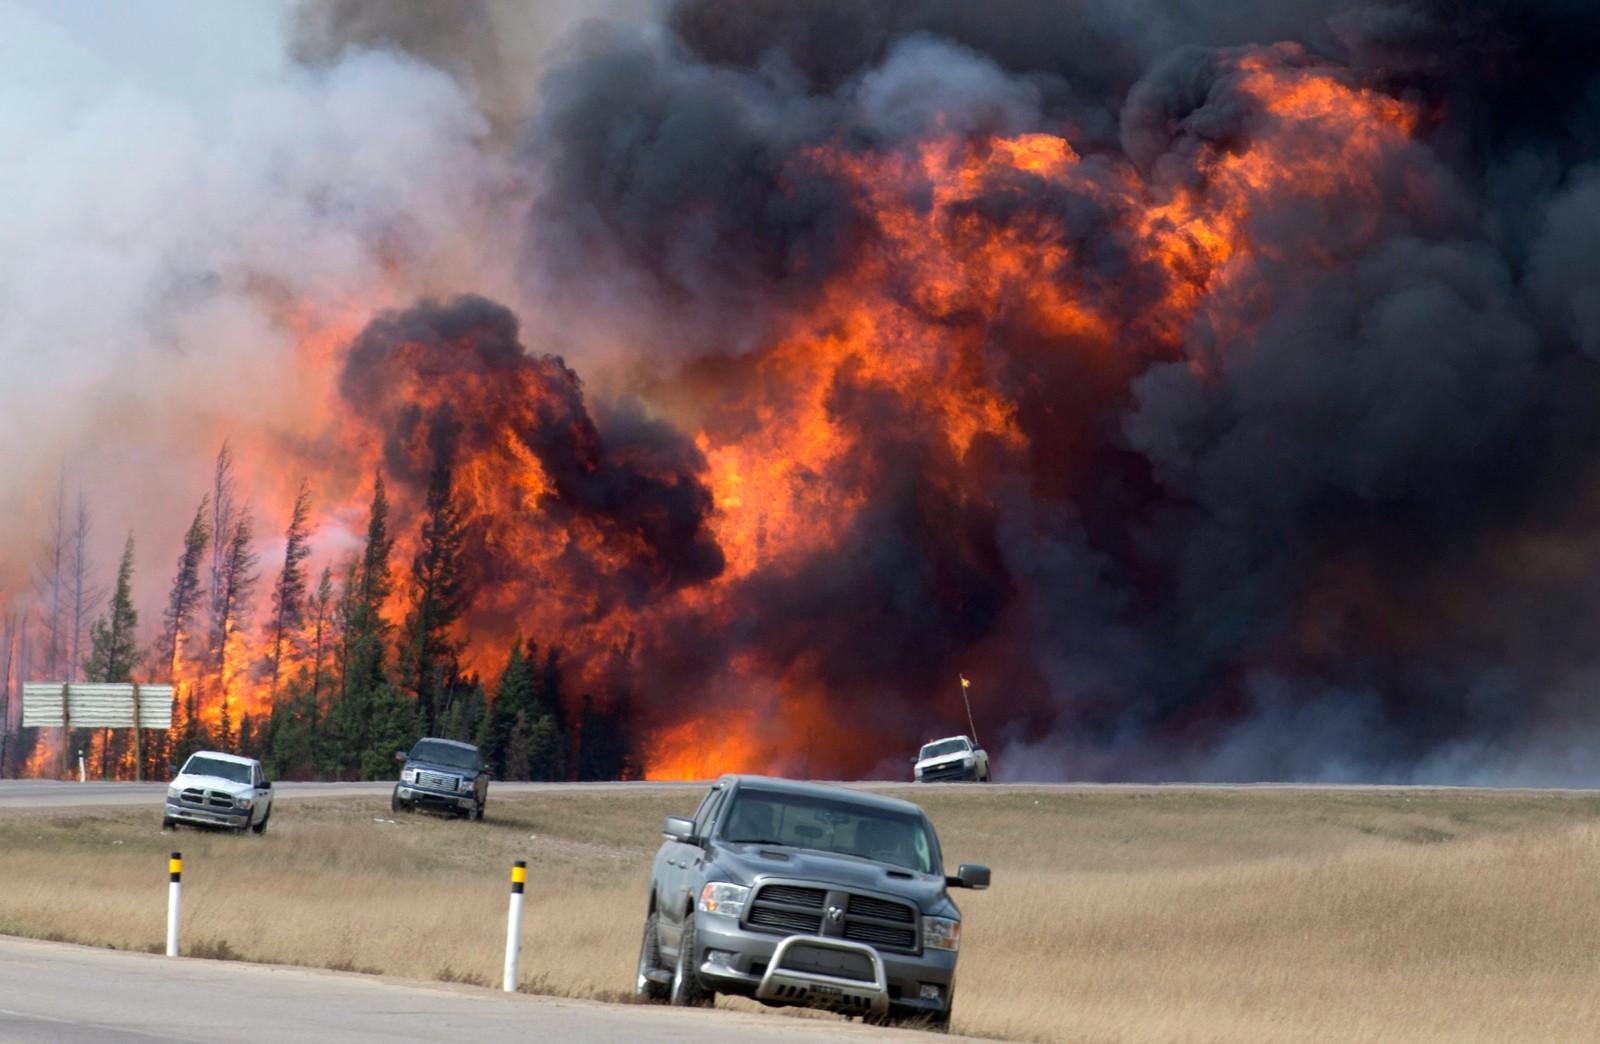 Den kraftige skogbrannen ved highway 63 sør for Fort McMurray i Alberta, Canada. Bildet er tatt 7. mai 2016.